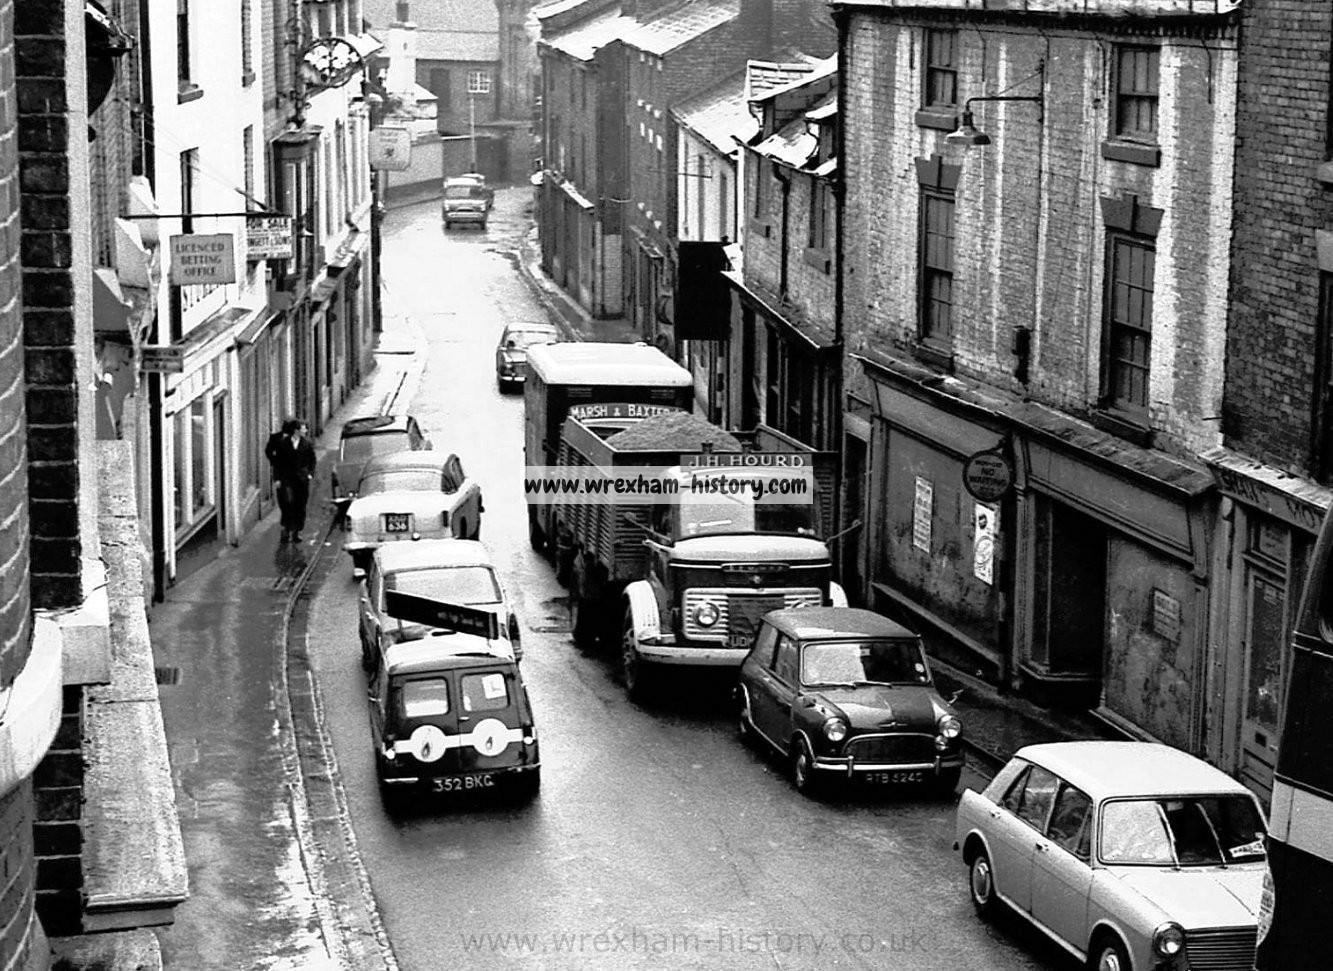 Yorke Street